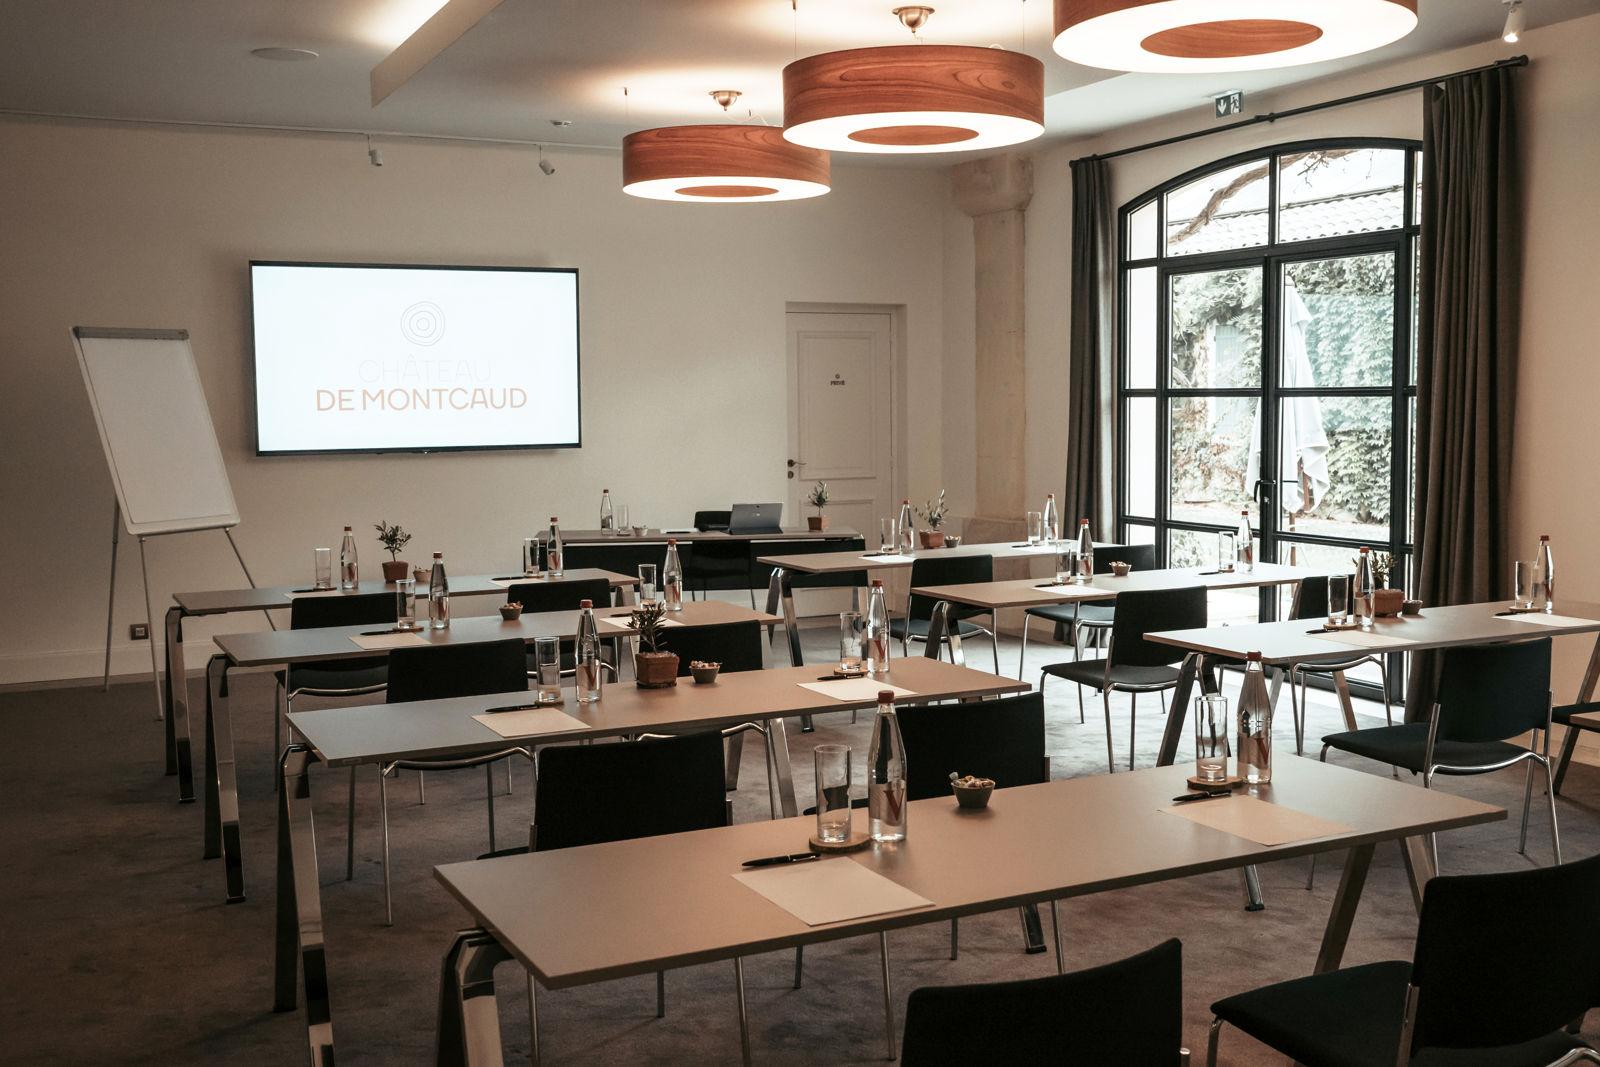 Der grosse Salon im Château de Montcaud eignet sich hervorragend für Konferenzen, Seminare und Präsentationen